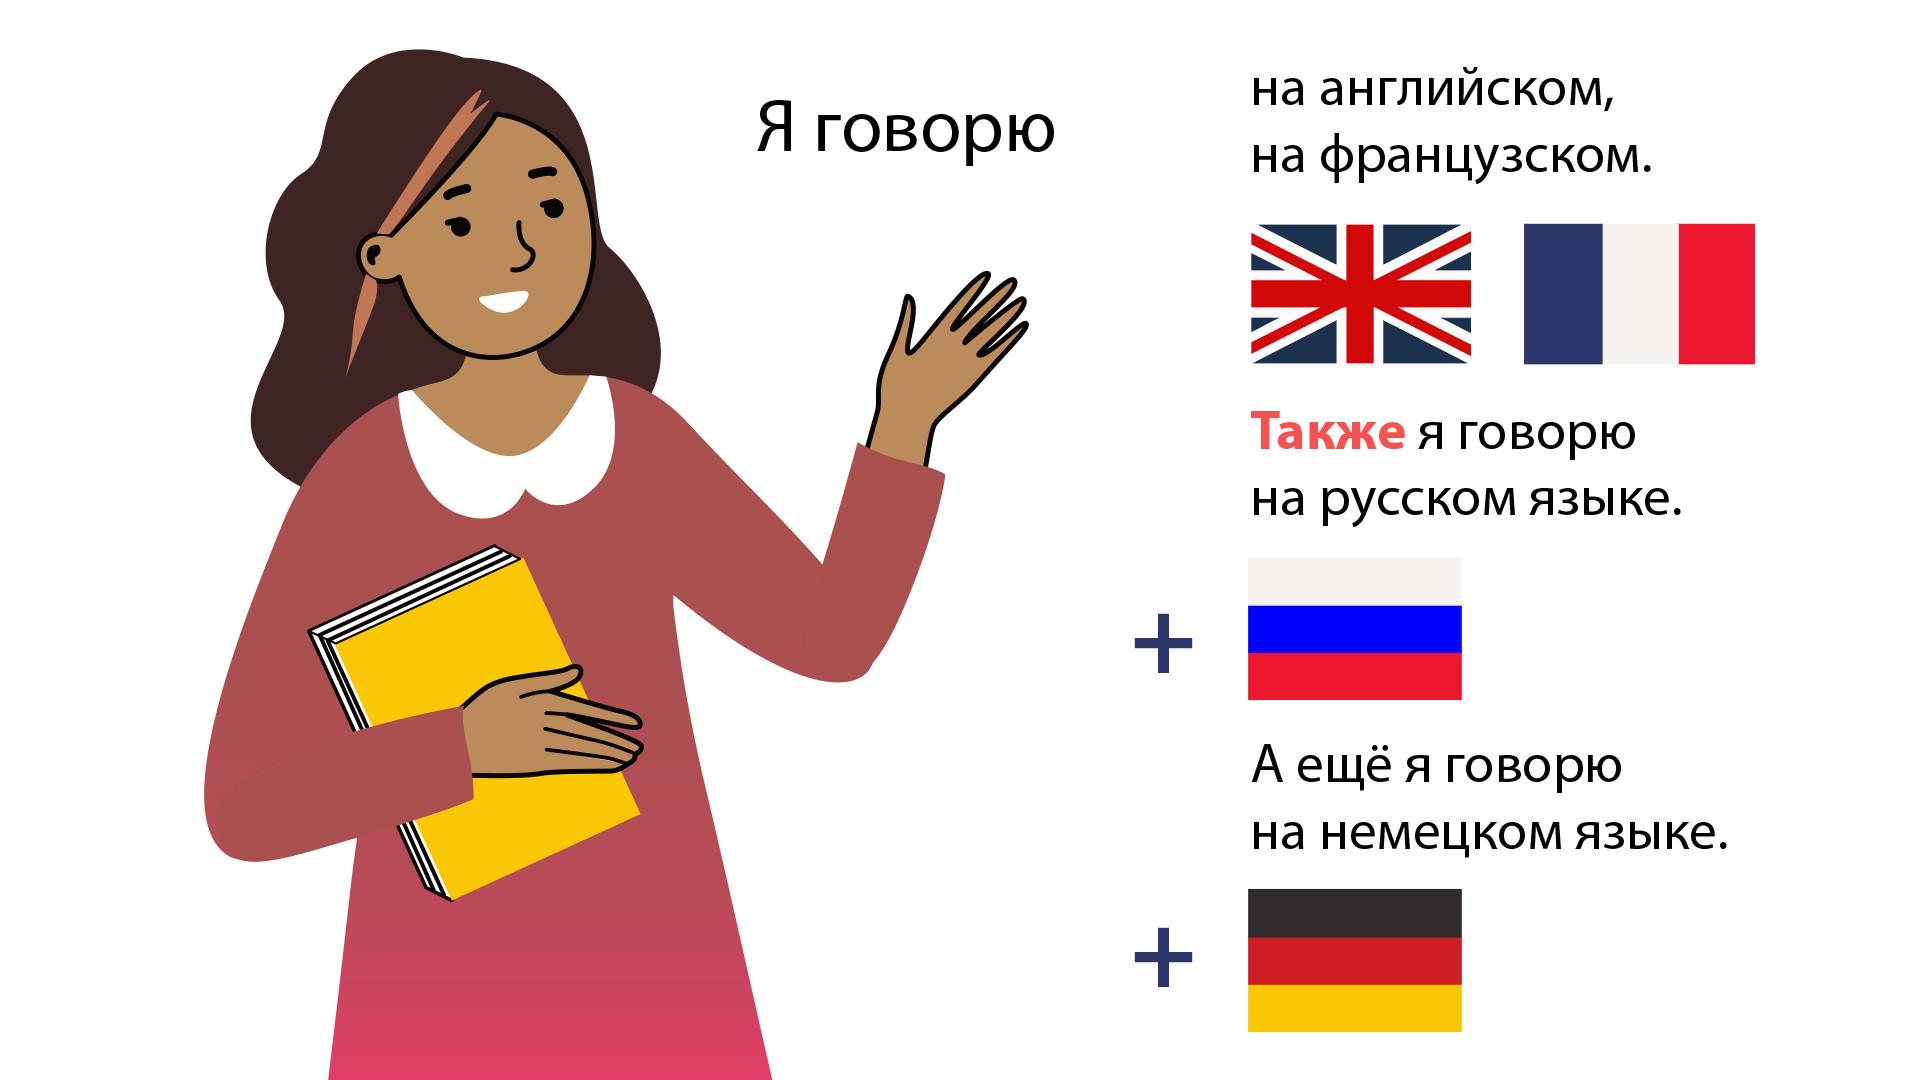 « Je parle anglais, français. Je parle aussi russe. Et encore, je parle allemand. »